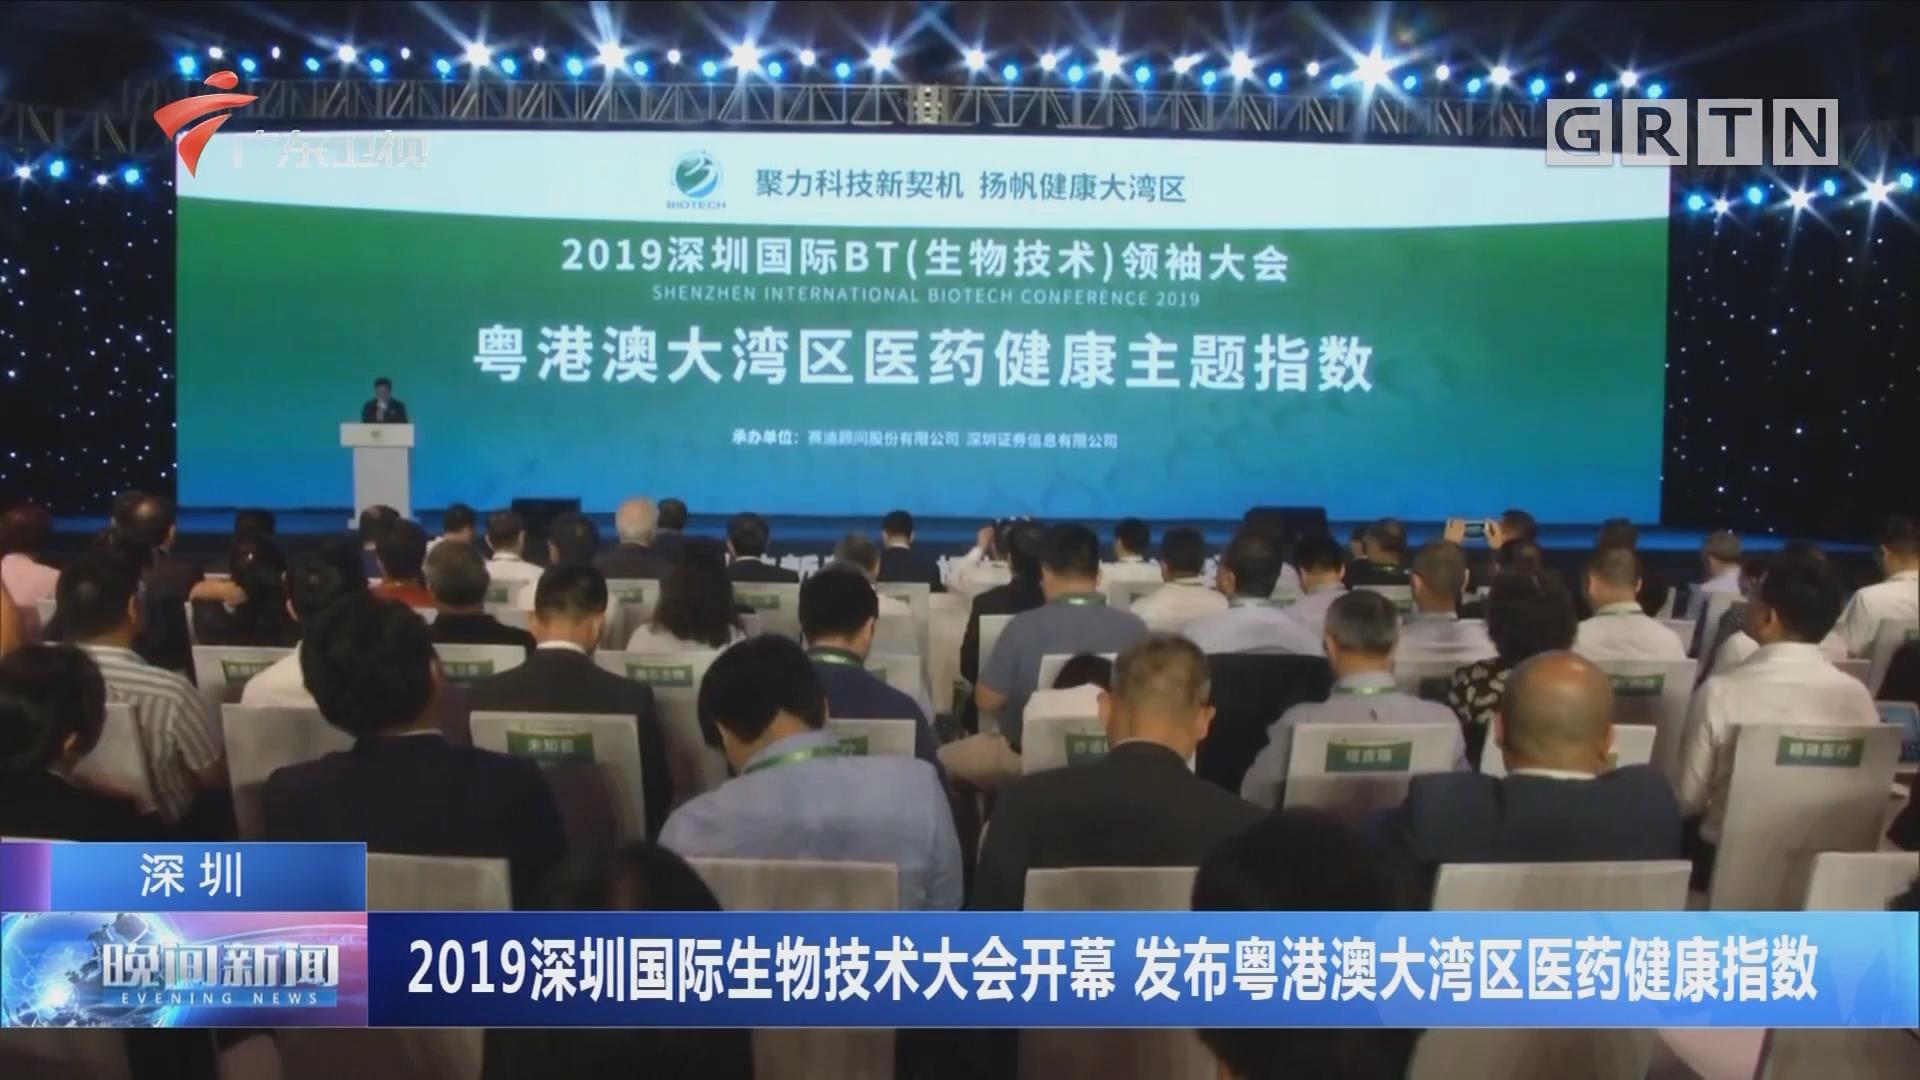 深圳:2019深圳國際生物技術大會開幕 發布粵港澳大灣區醫藥健康指數